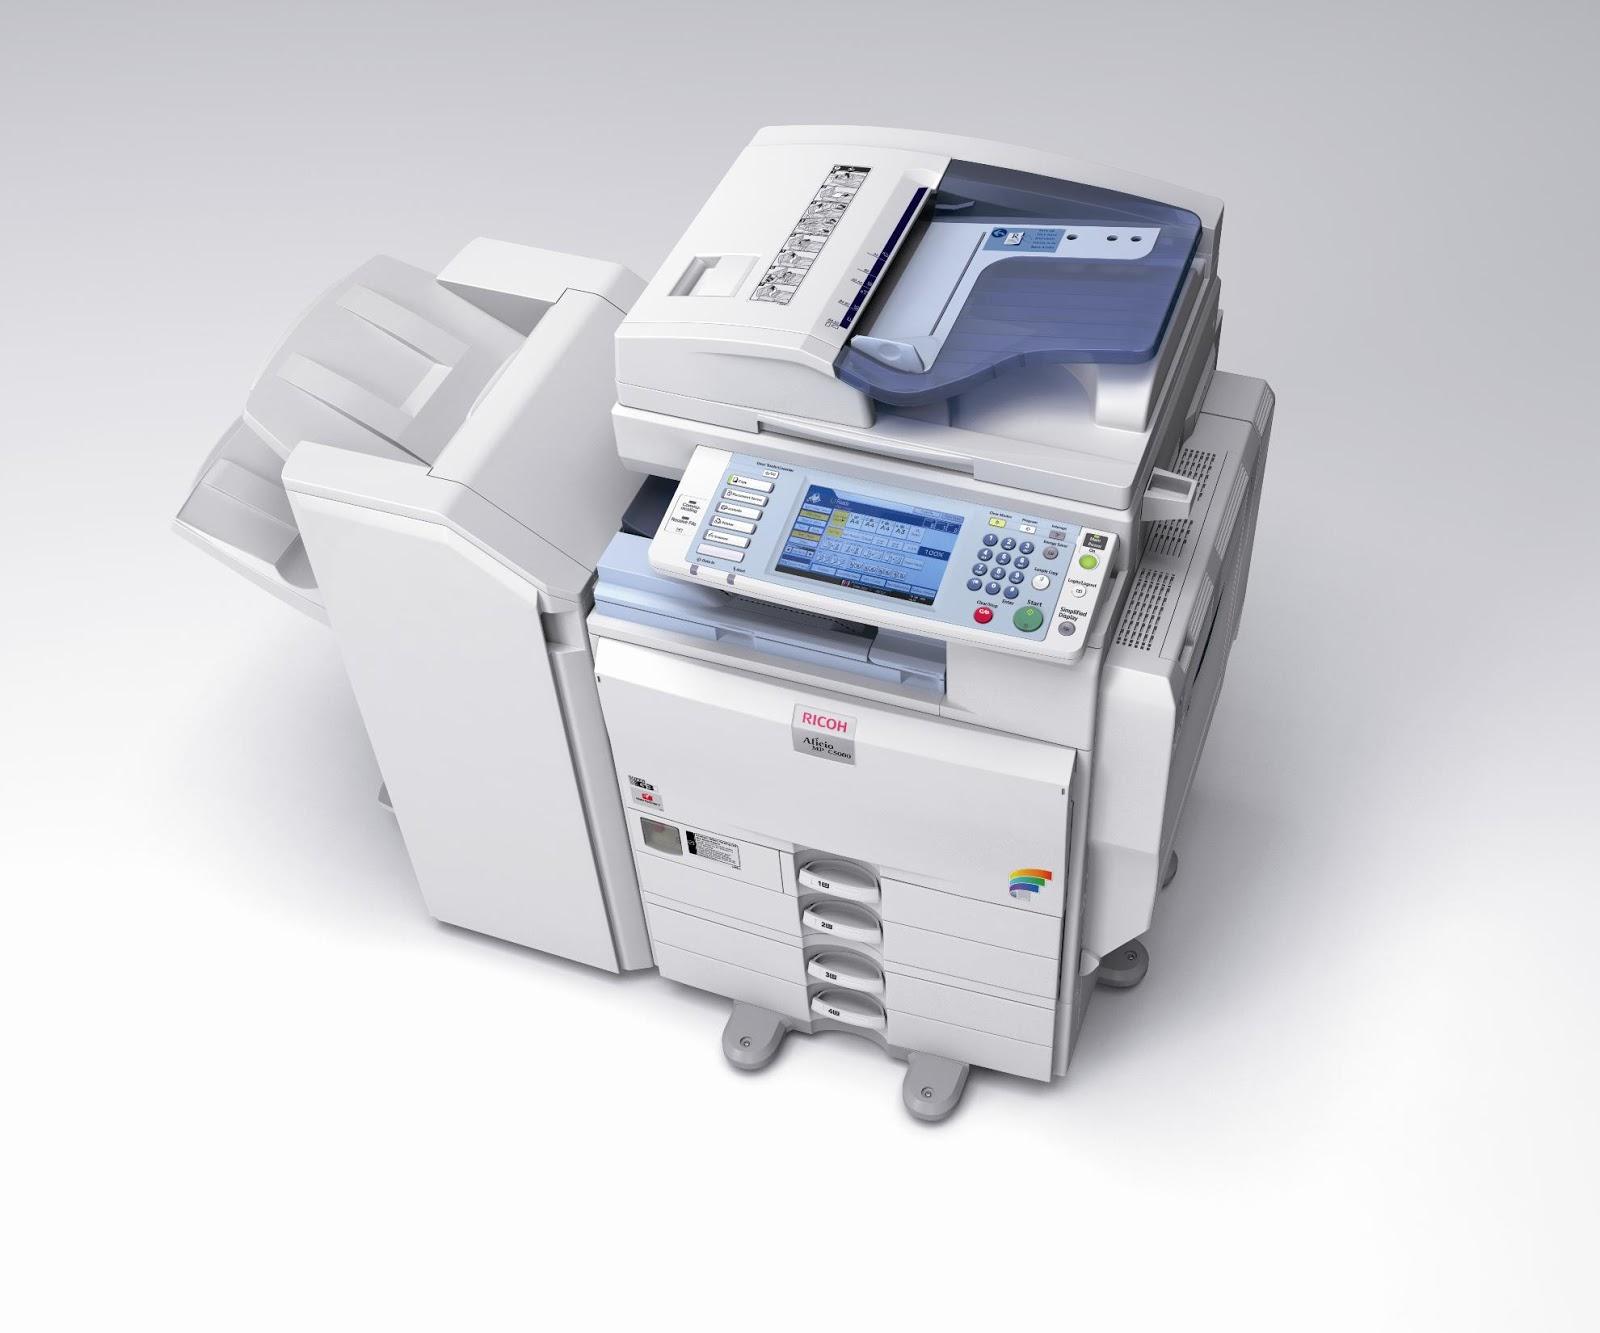 Venta de fotocopiadoras lima 91